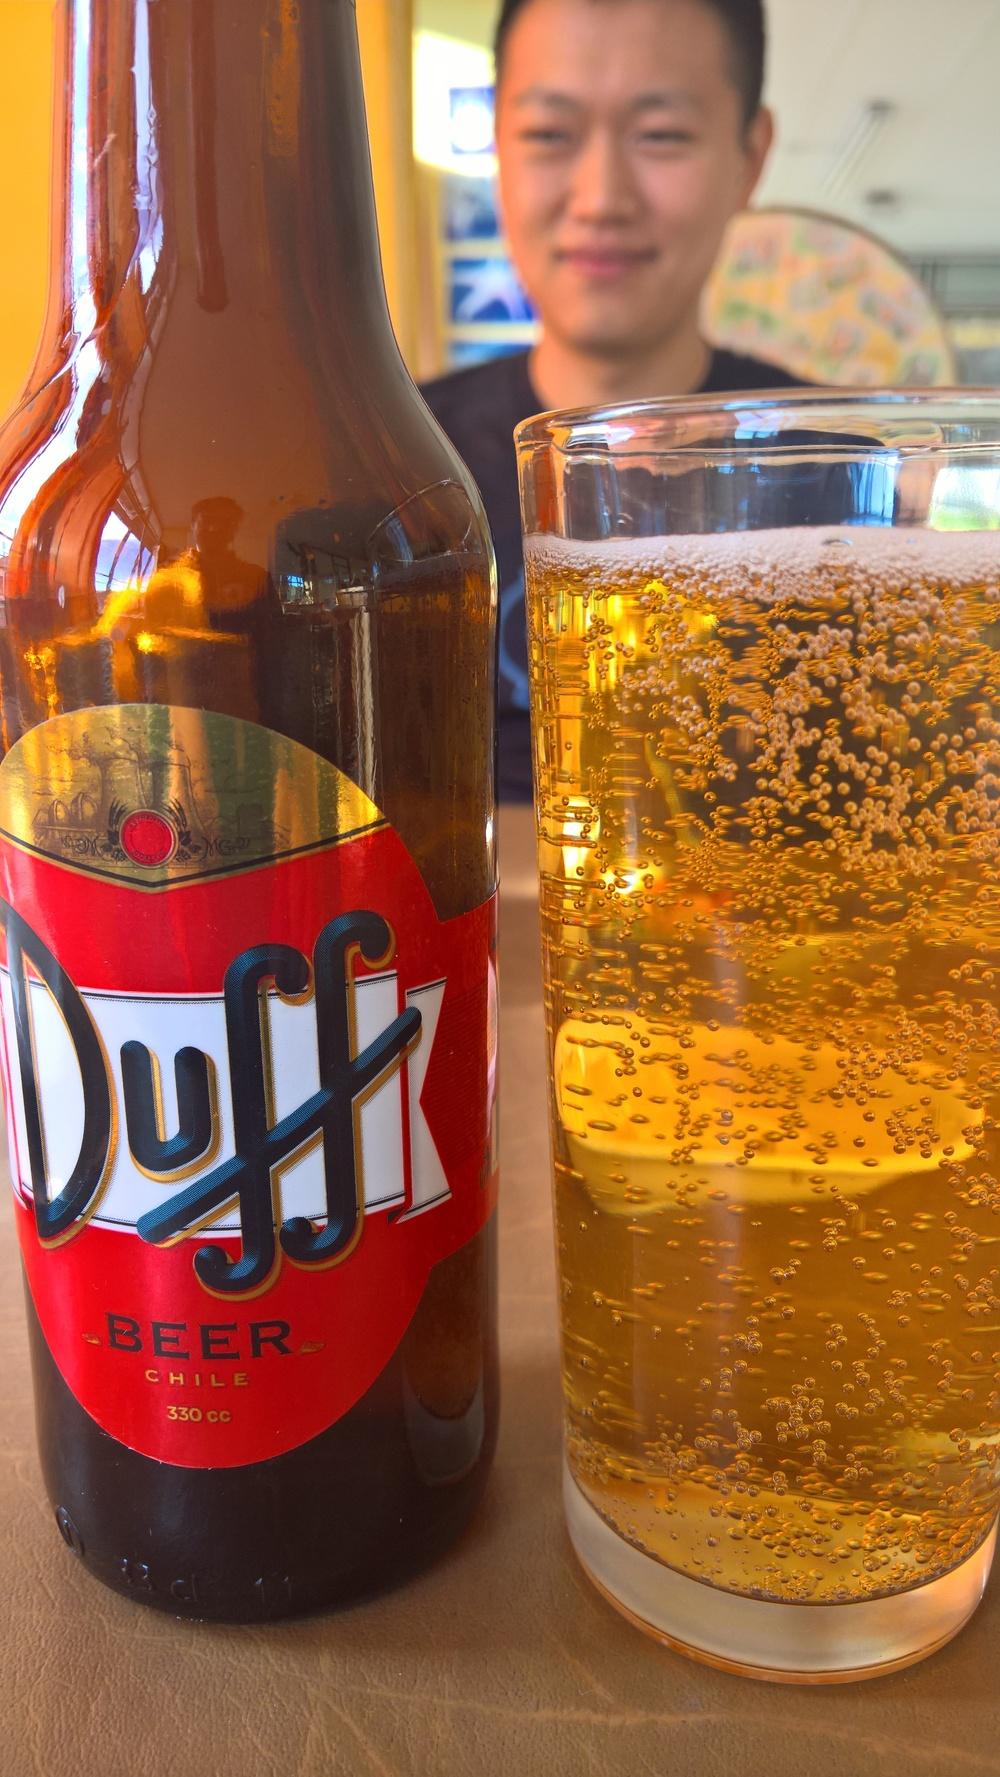 ChileanDuffBeer.jpg